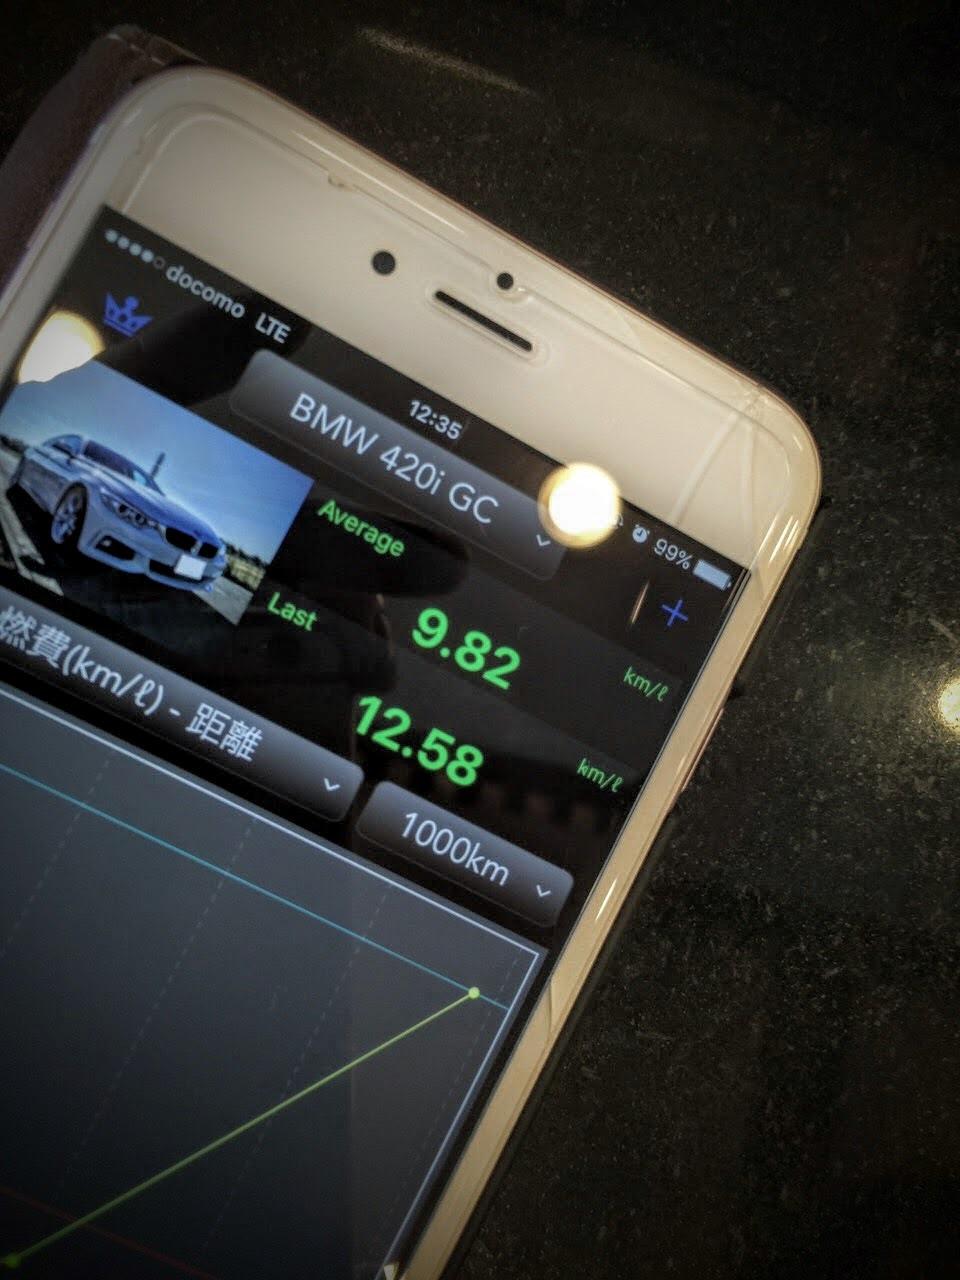 My iPhone6S plus落としてガラス割っちゃいました><